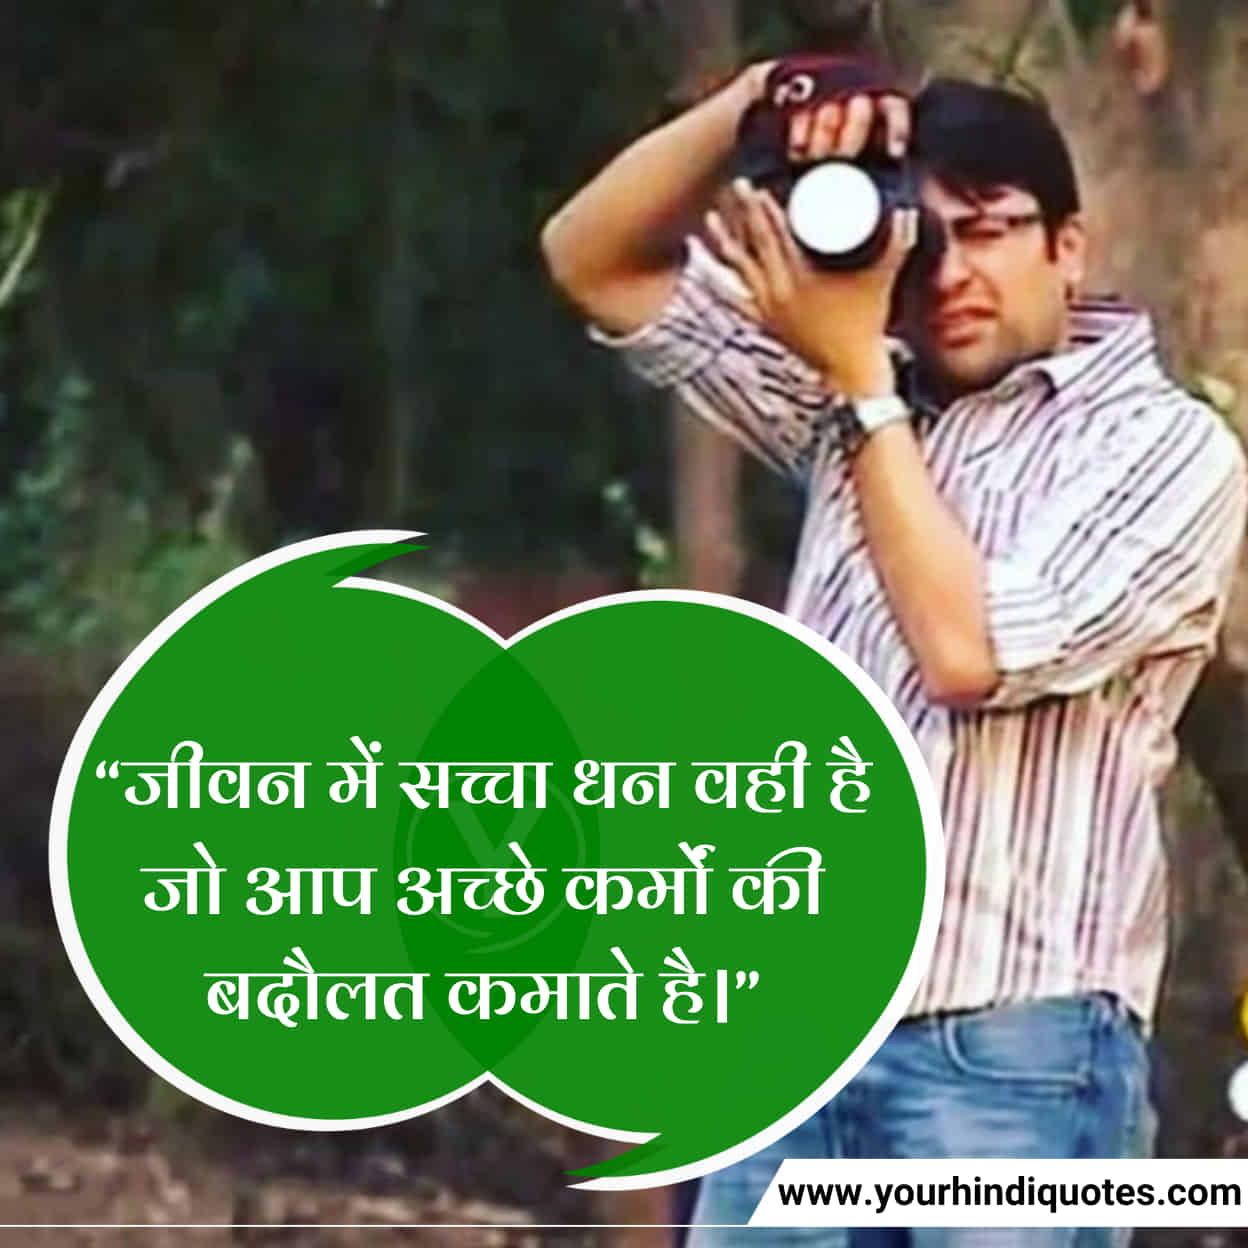 Hindi Karma Quotes